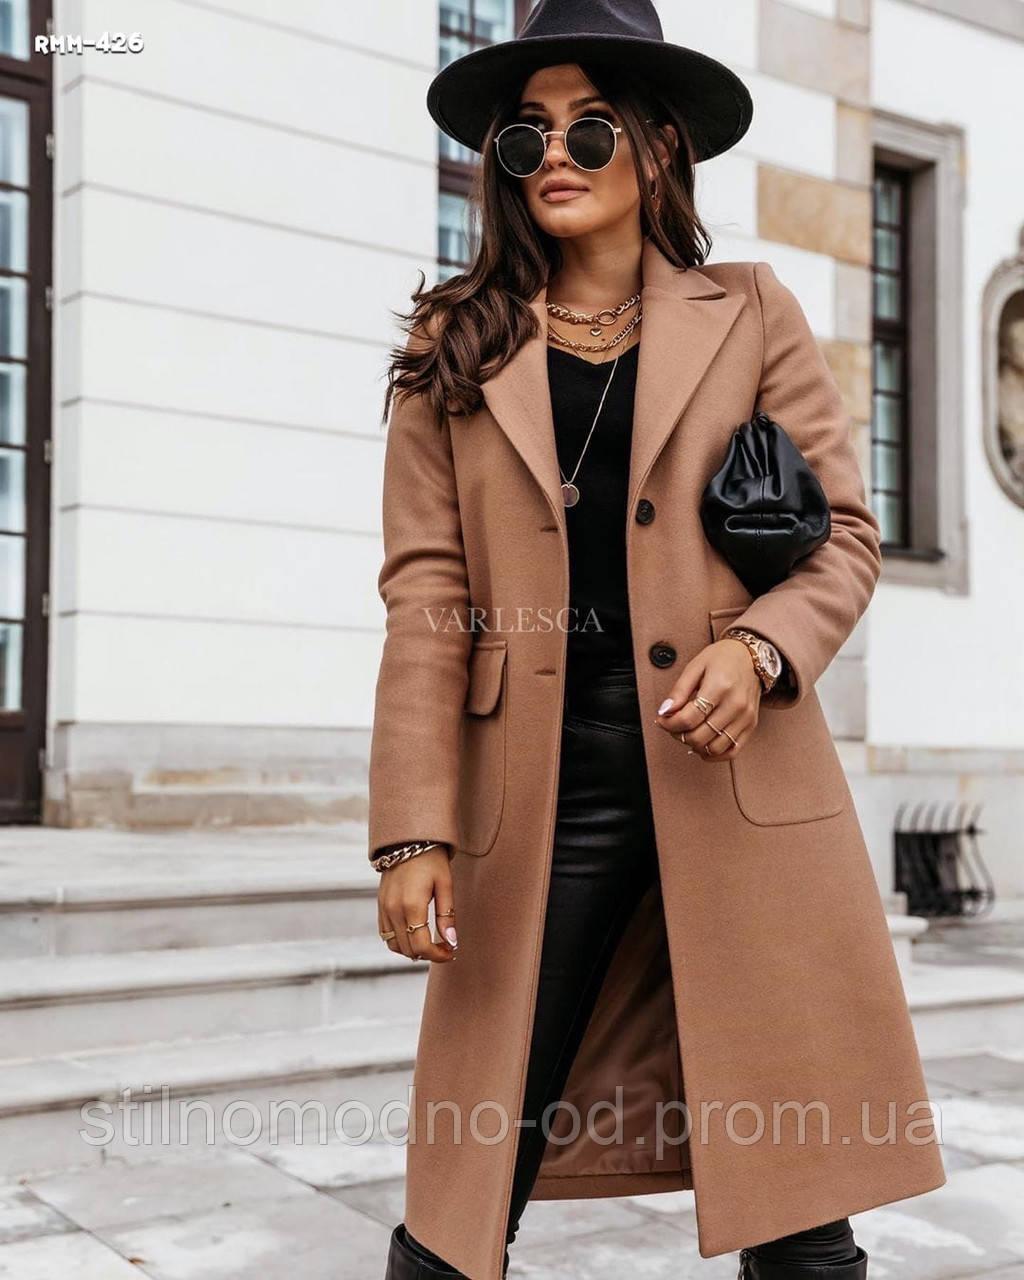 """Жіноче пальто """"Даліда"""" від Стильномодно"""